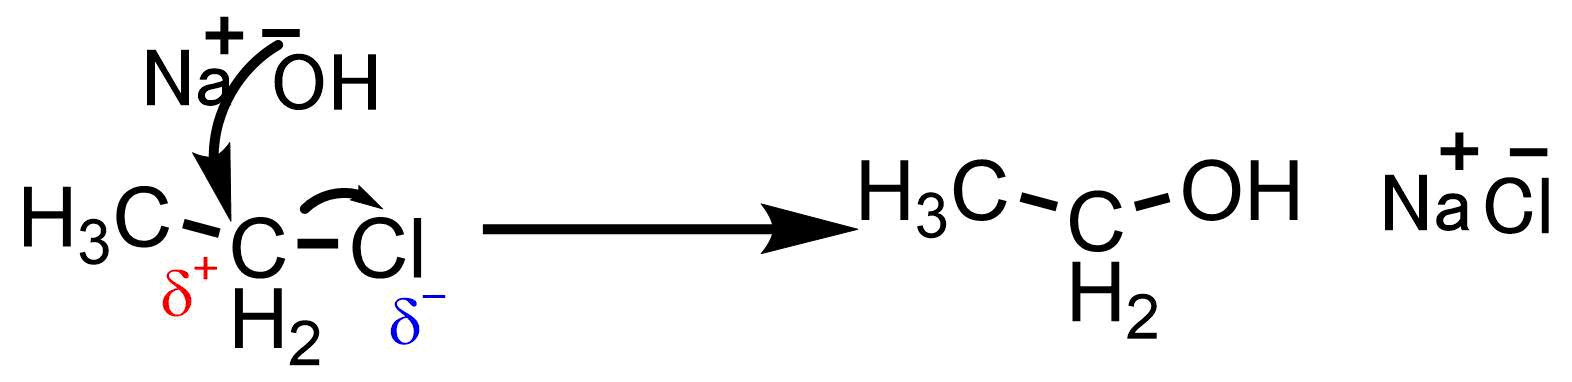 分極した分子が反応する理由